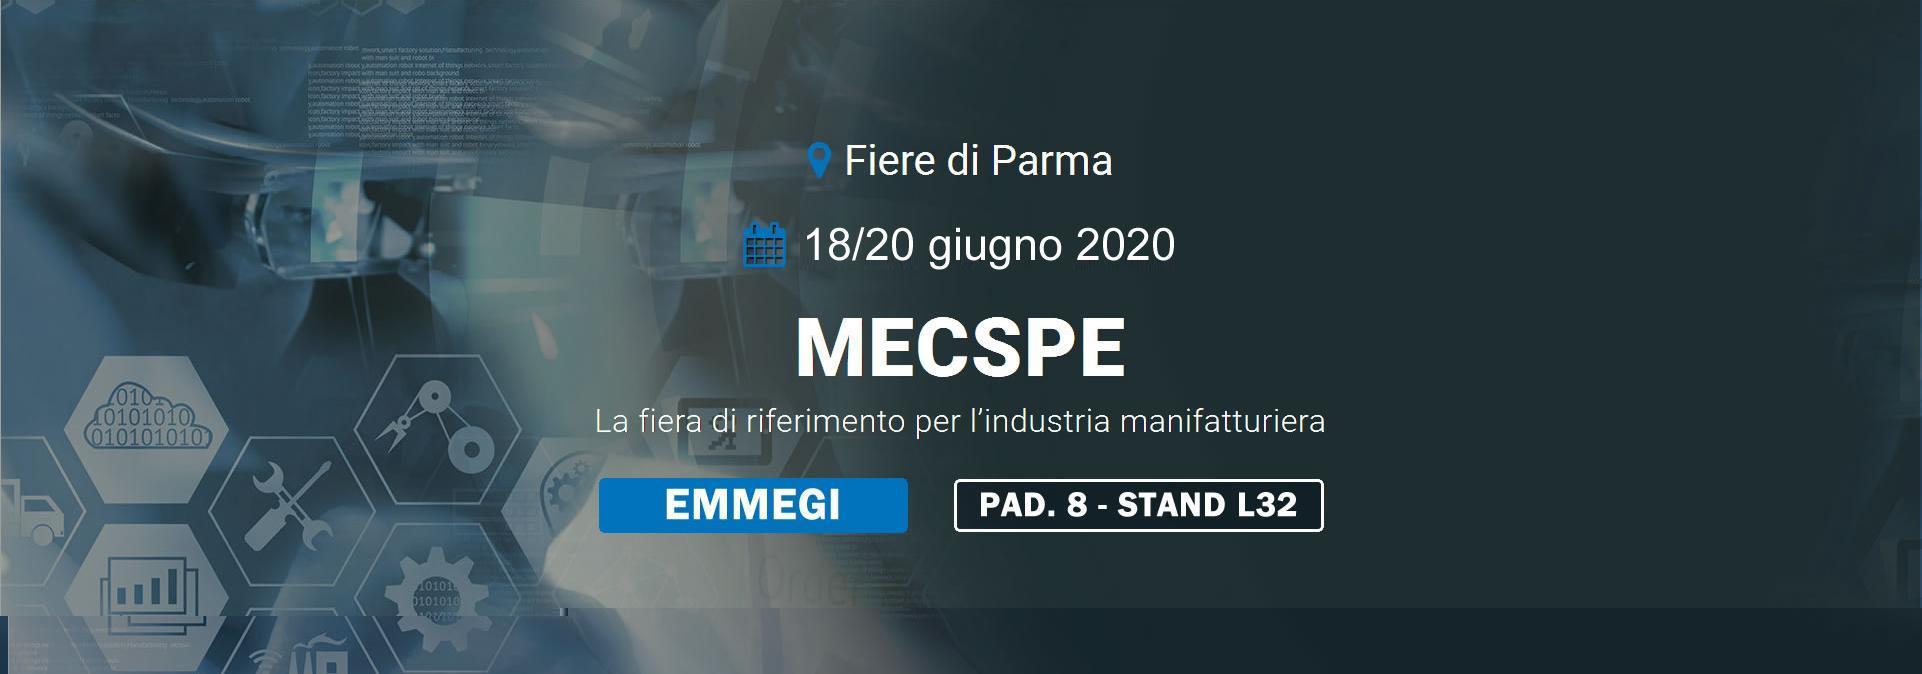 emmegi-mecspe2020